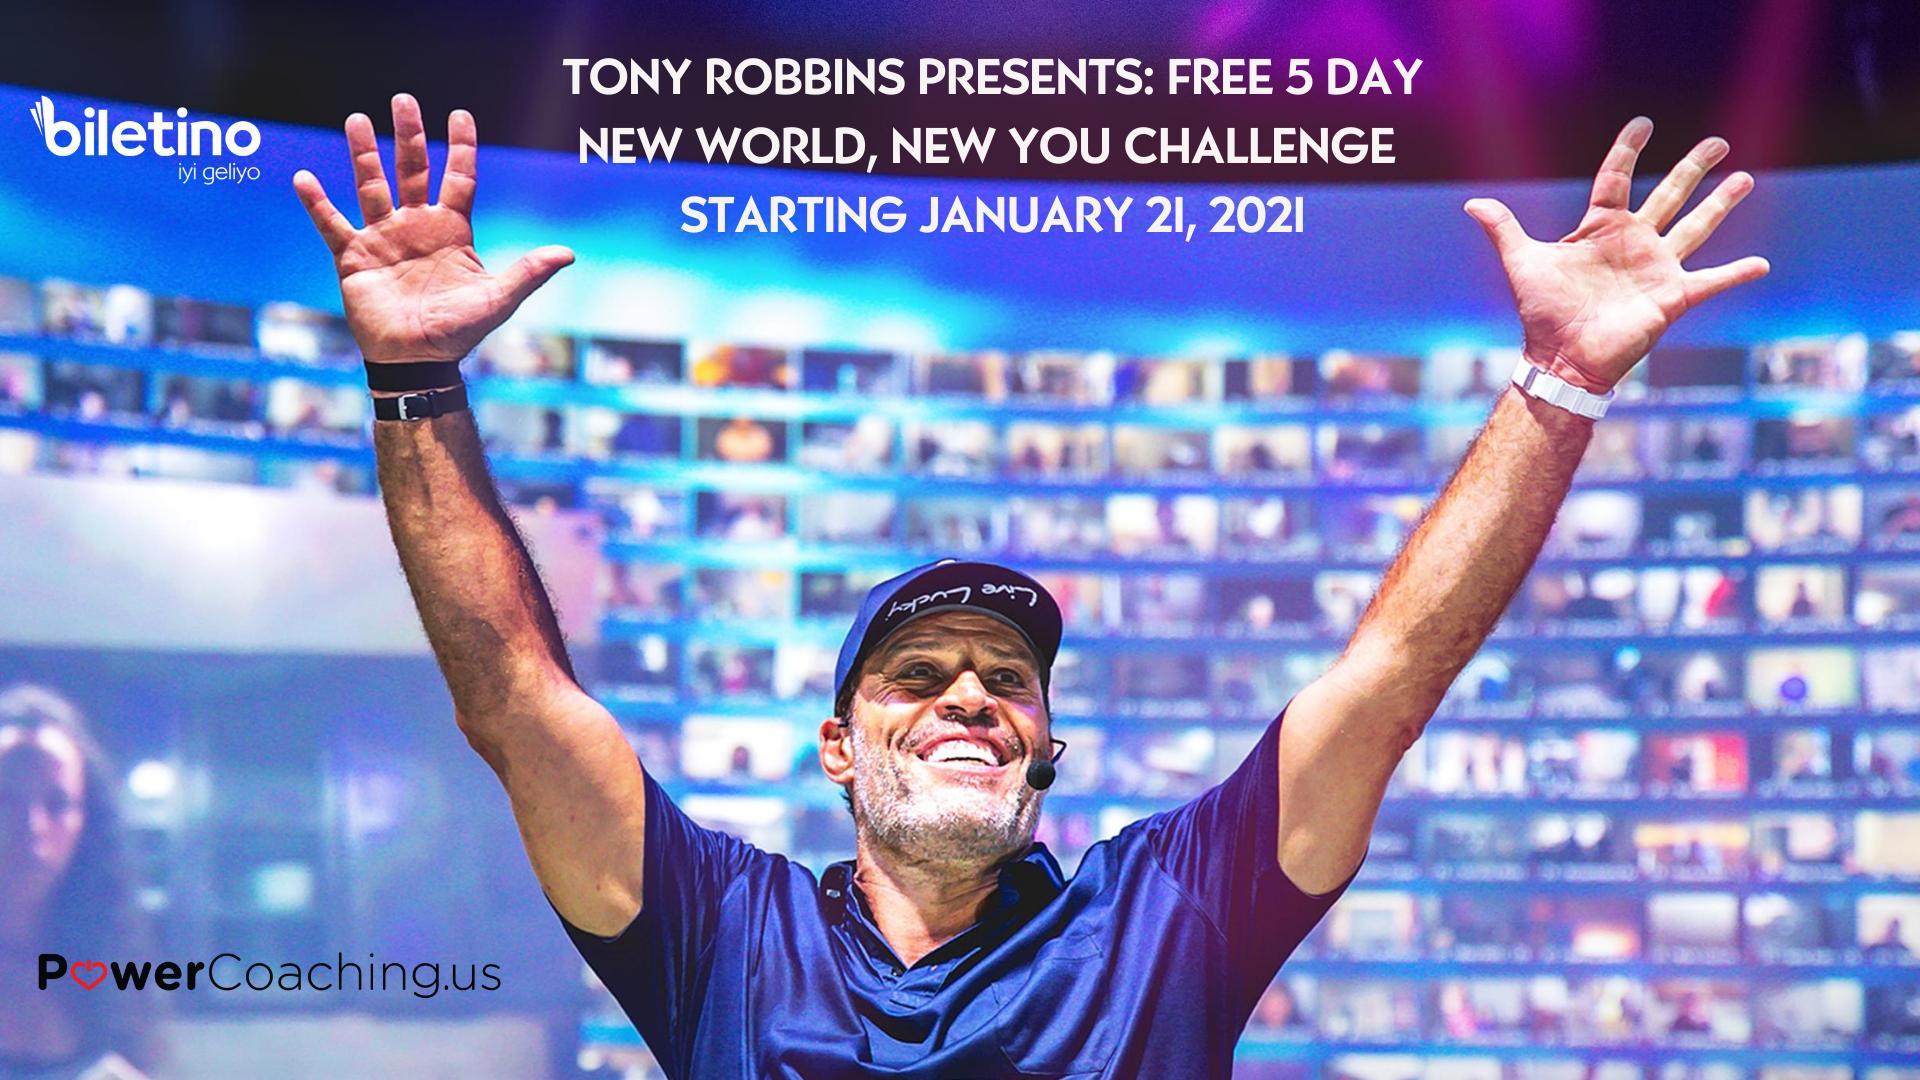 10 challenge robbins tony day Tony Robbins